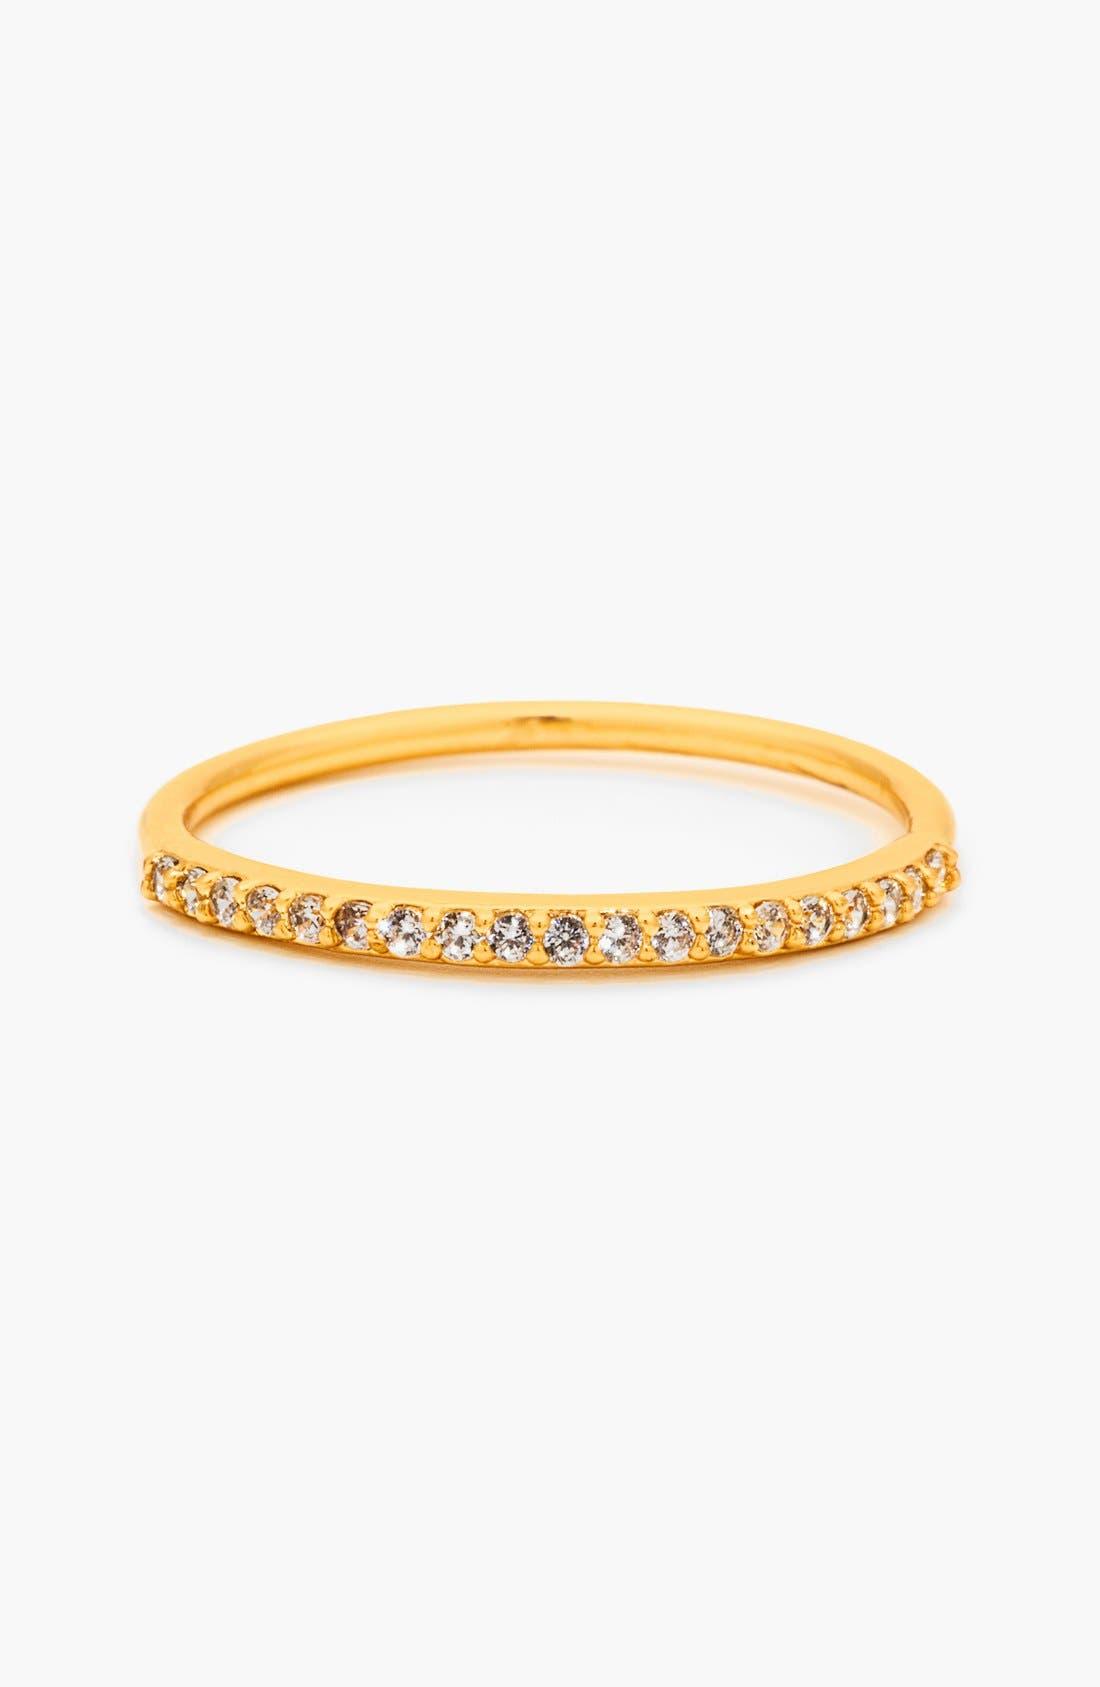 Main Image - gorjana 'Shimmer Bar' Midi Ring